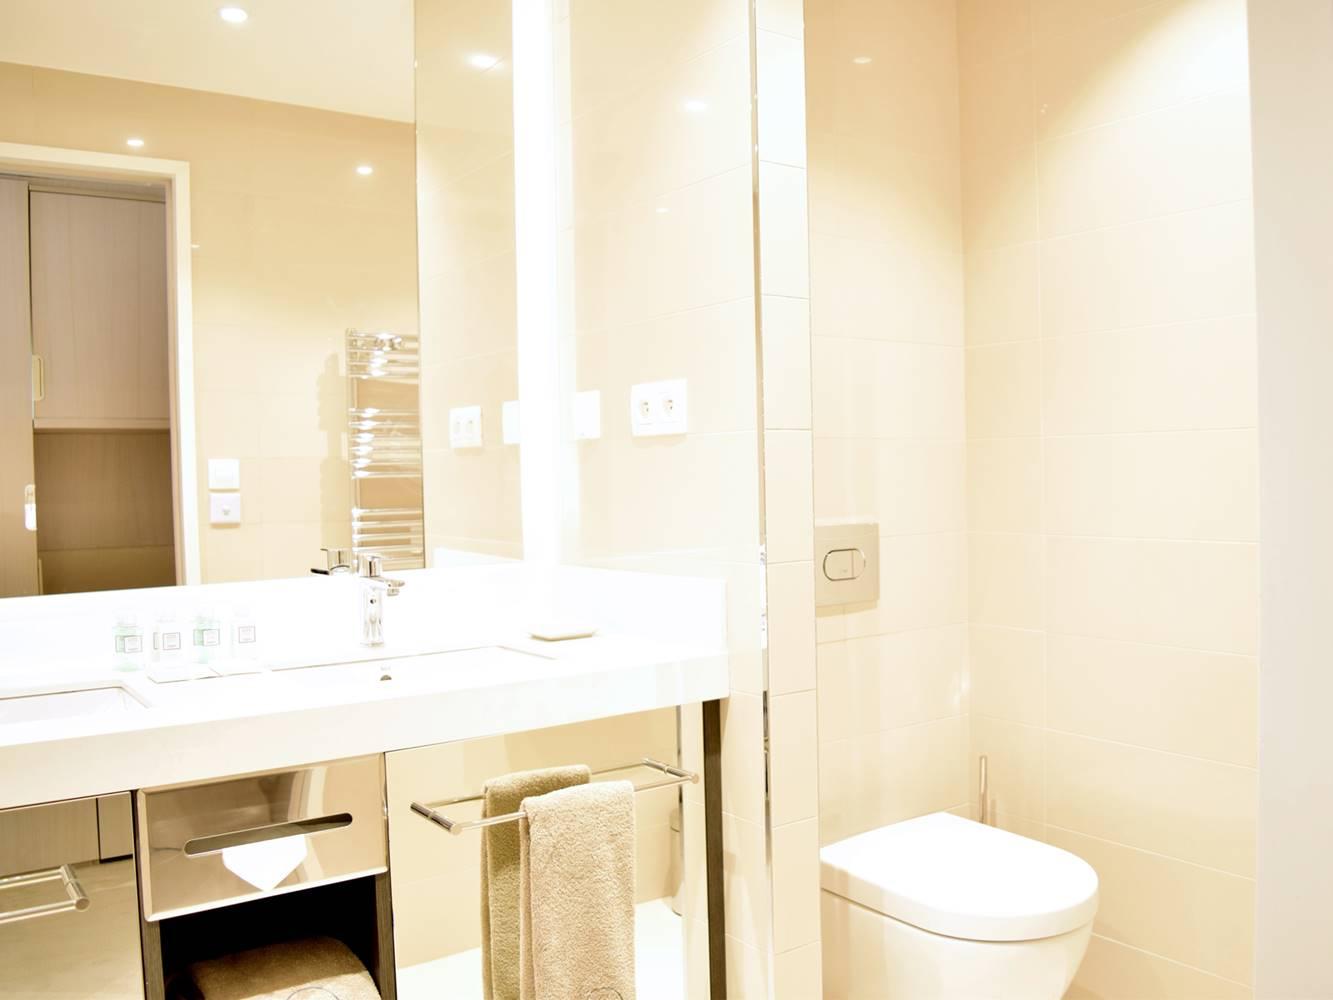 Salle de bains résidence miramar la cigale ©